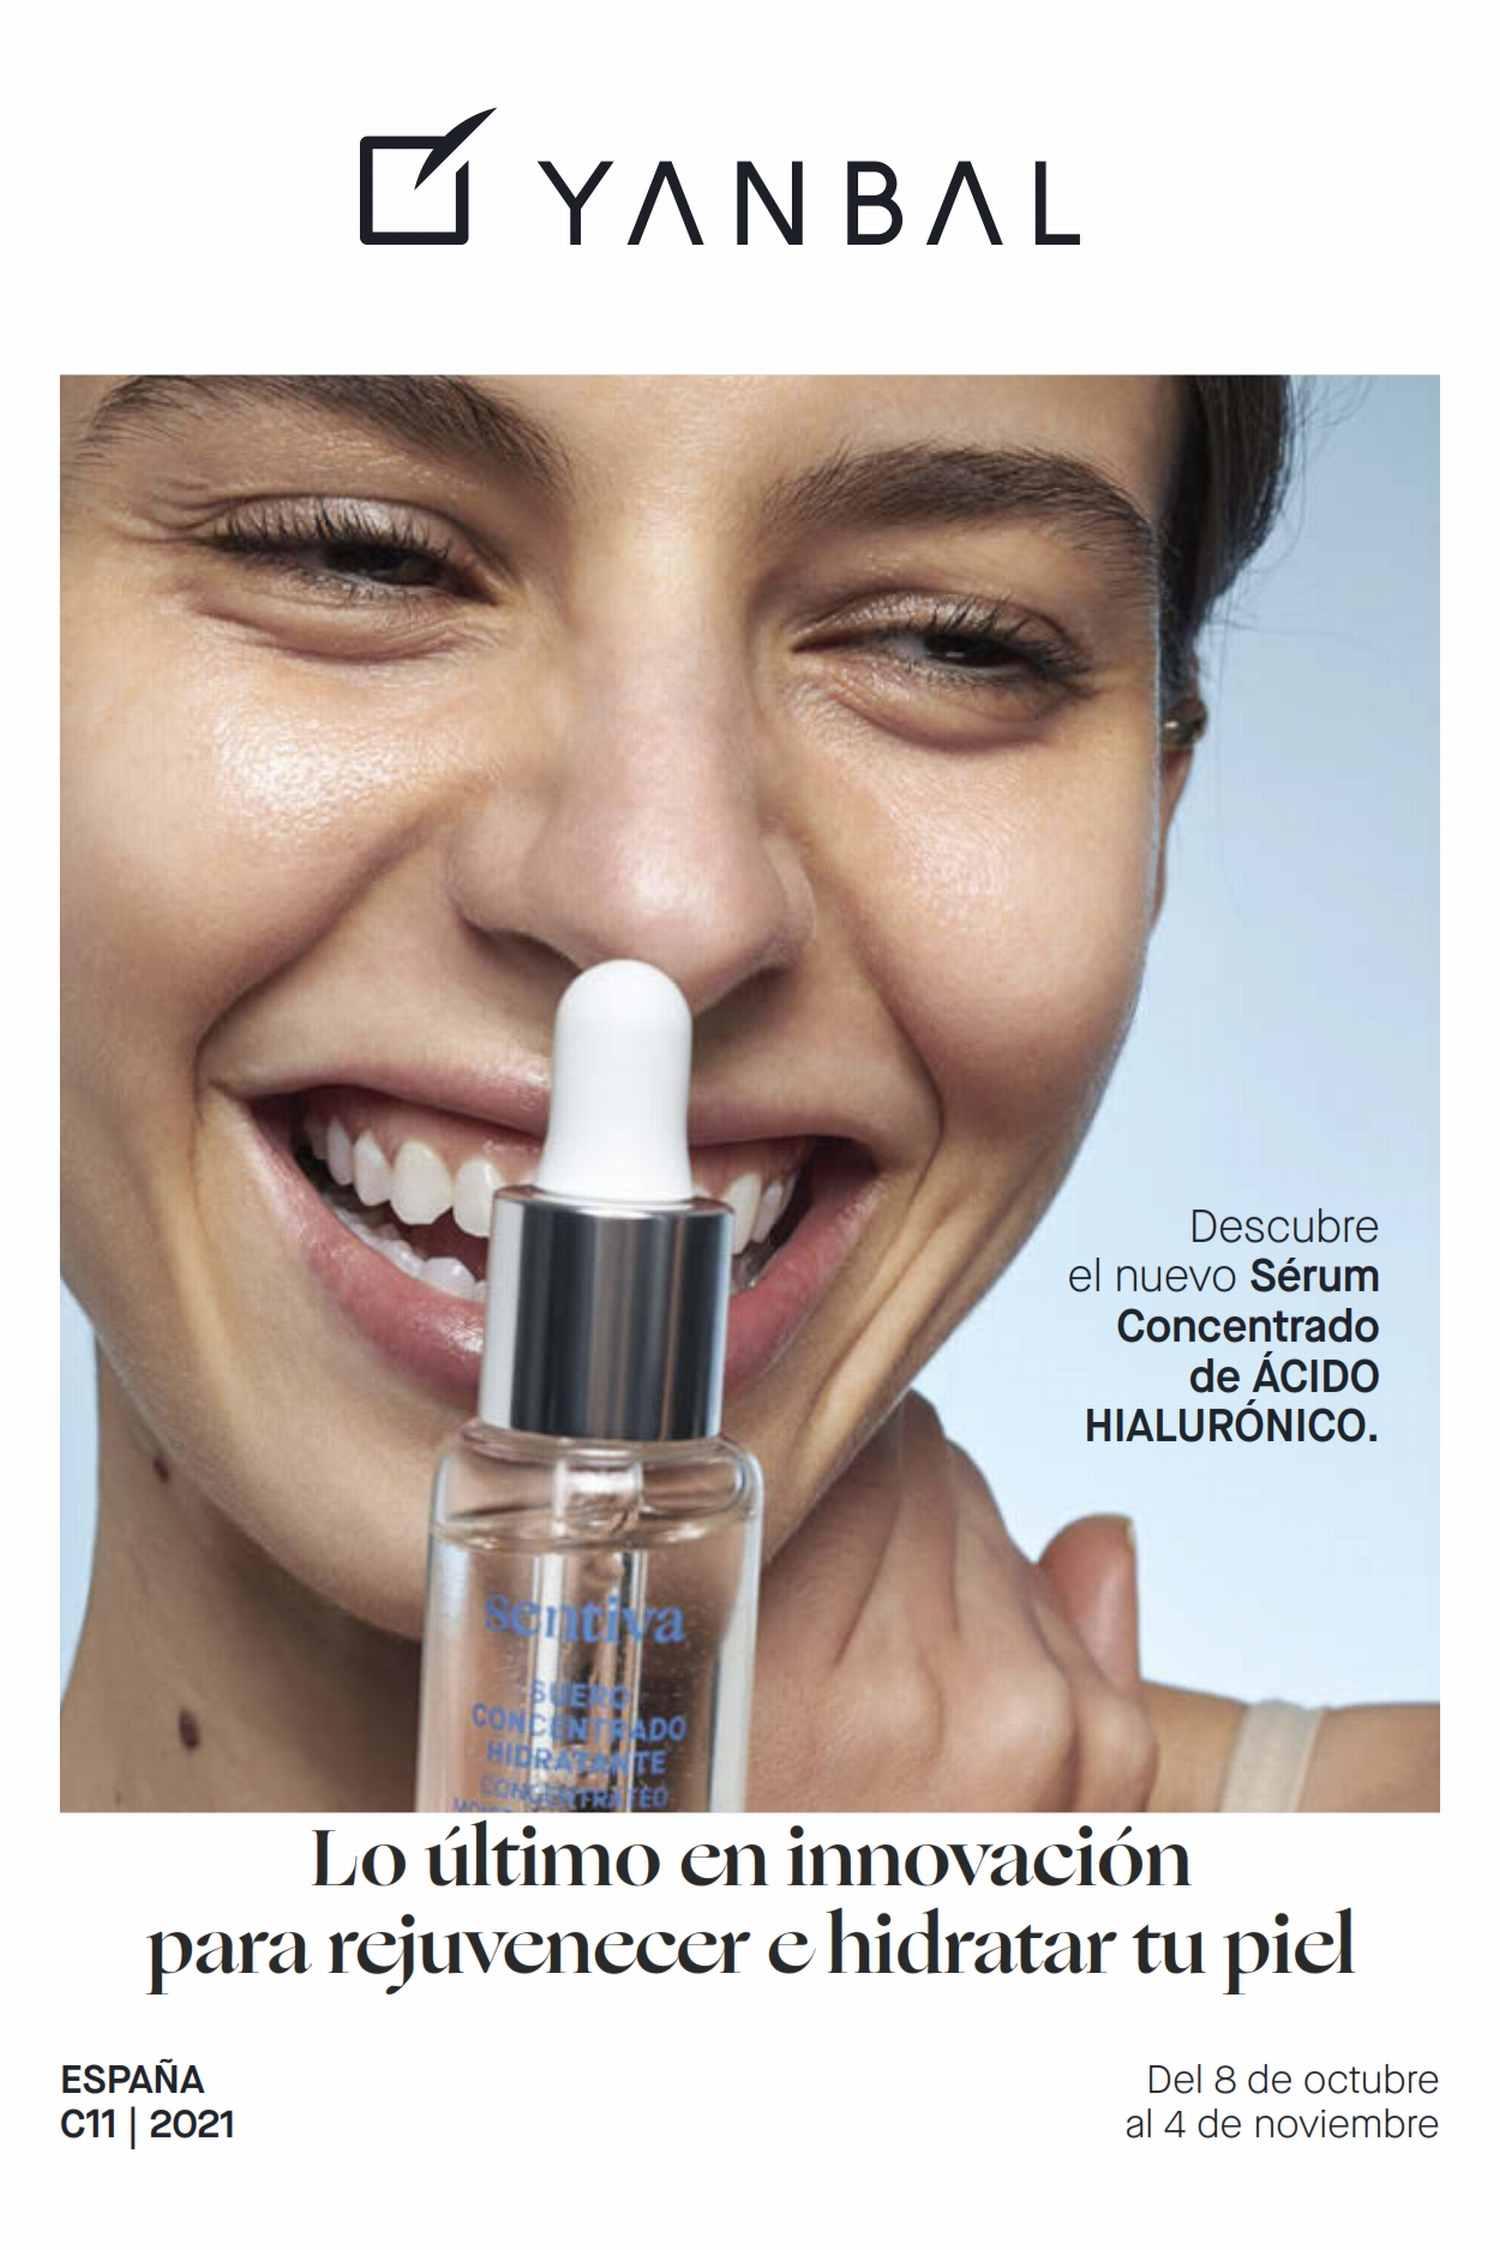 Catálogo Yanbal Campaña 11 2021 España